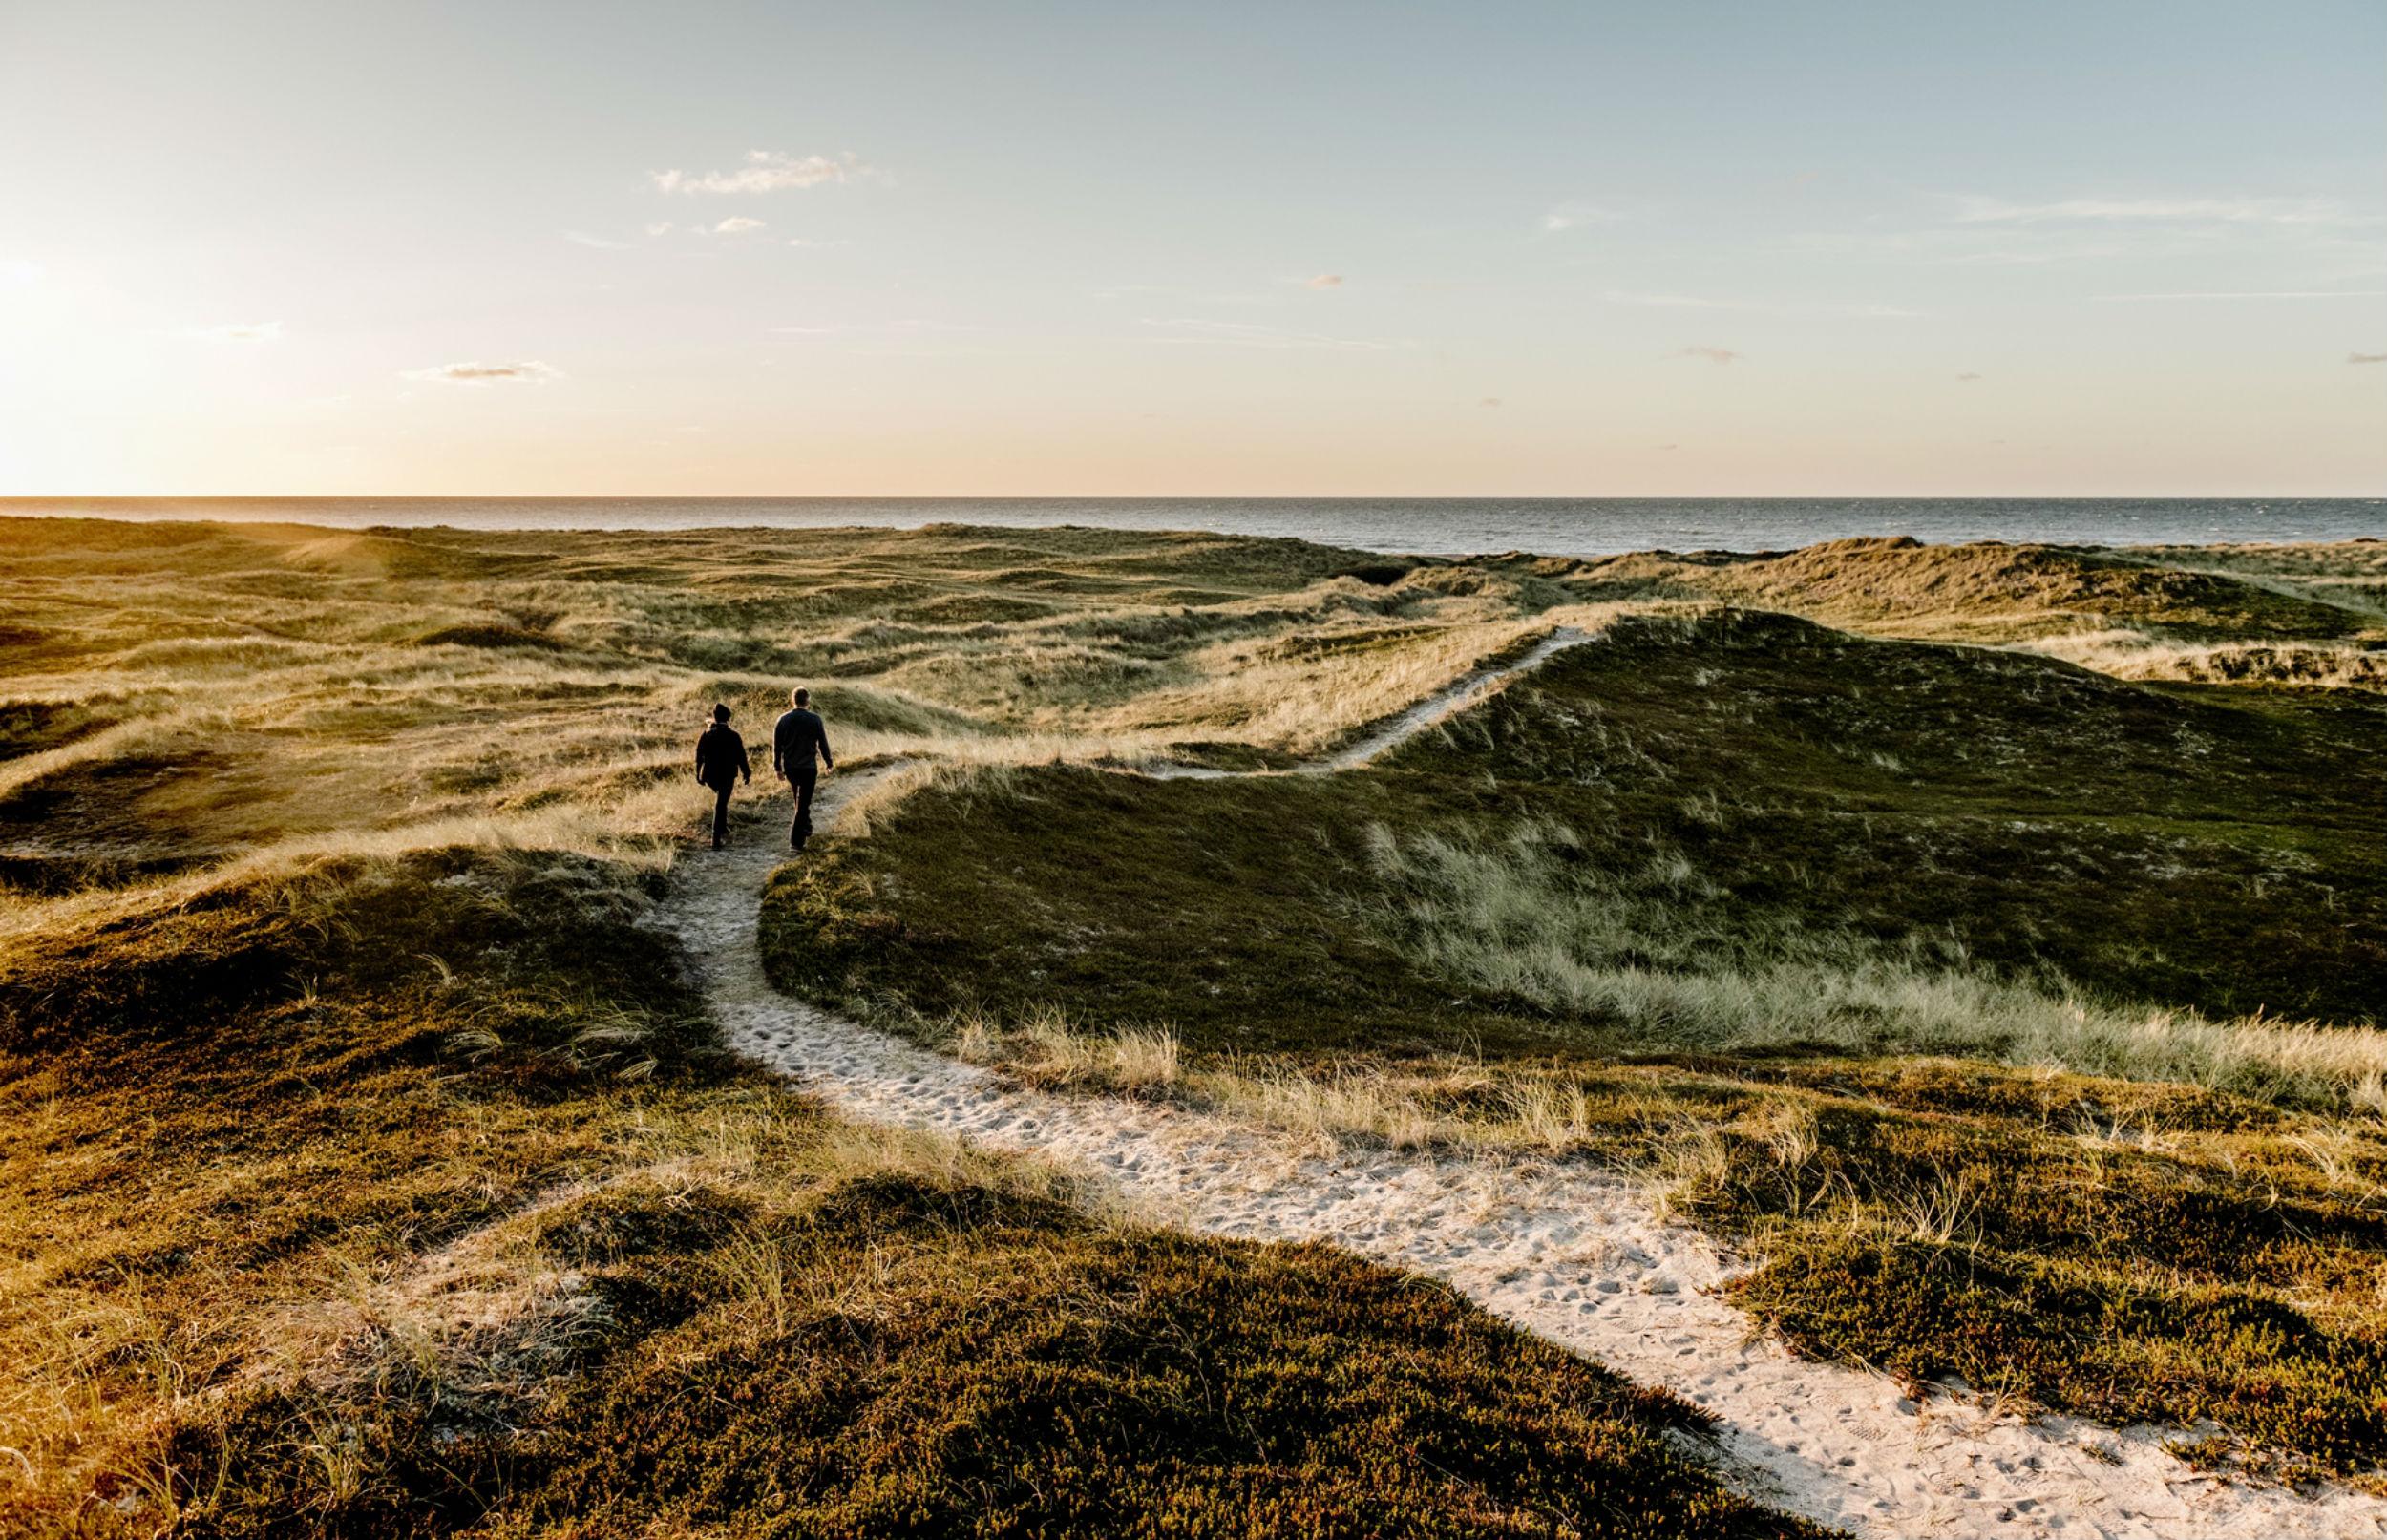 Nu kan du udpege Danmarks vigtigste naturskatte